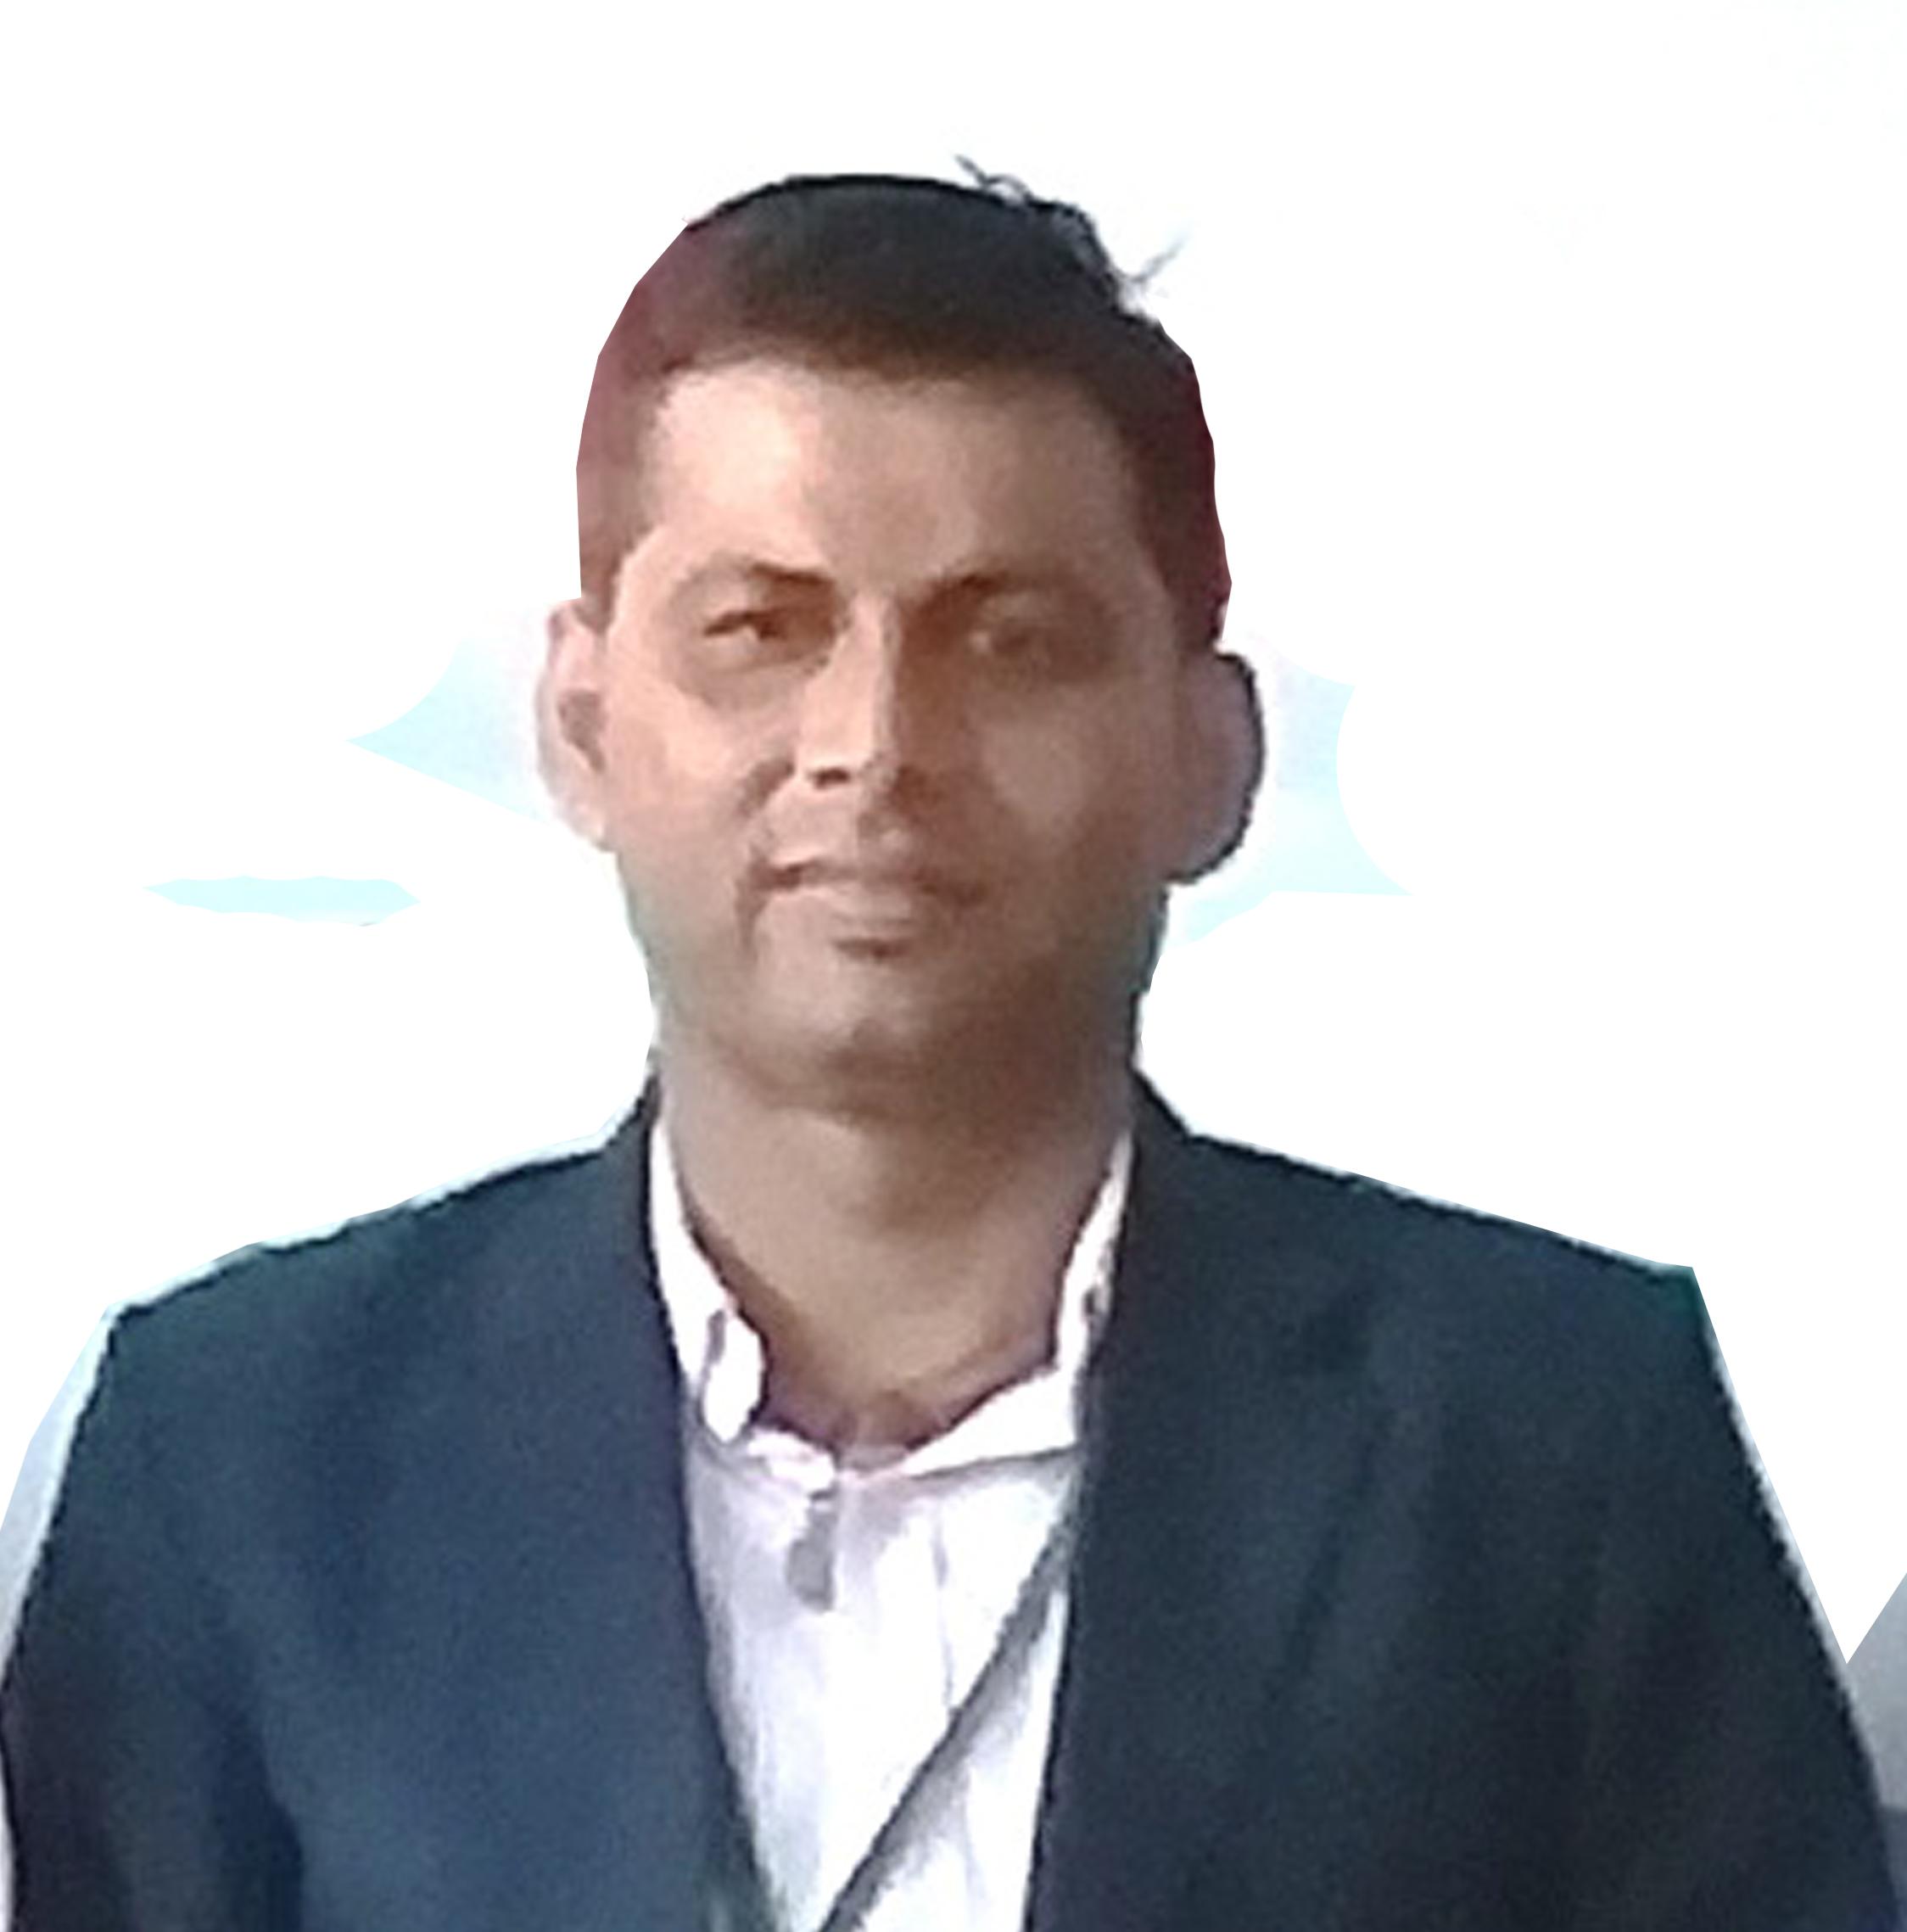 Chandra Shekhar gautam